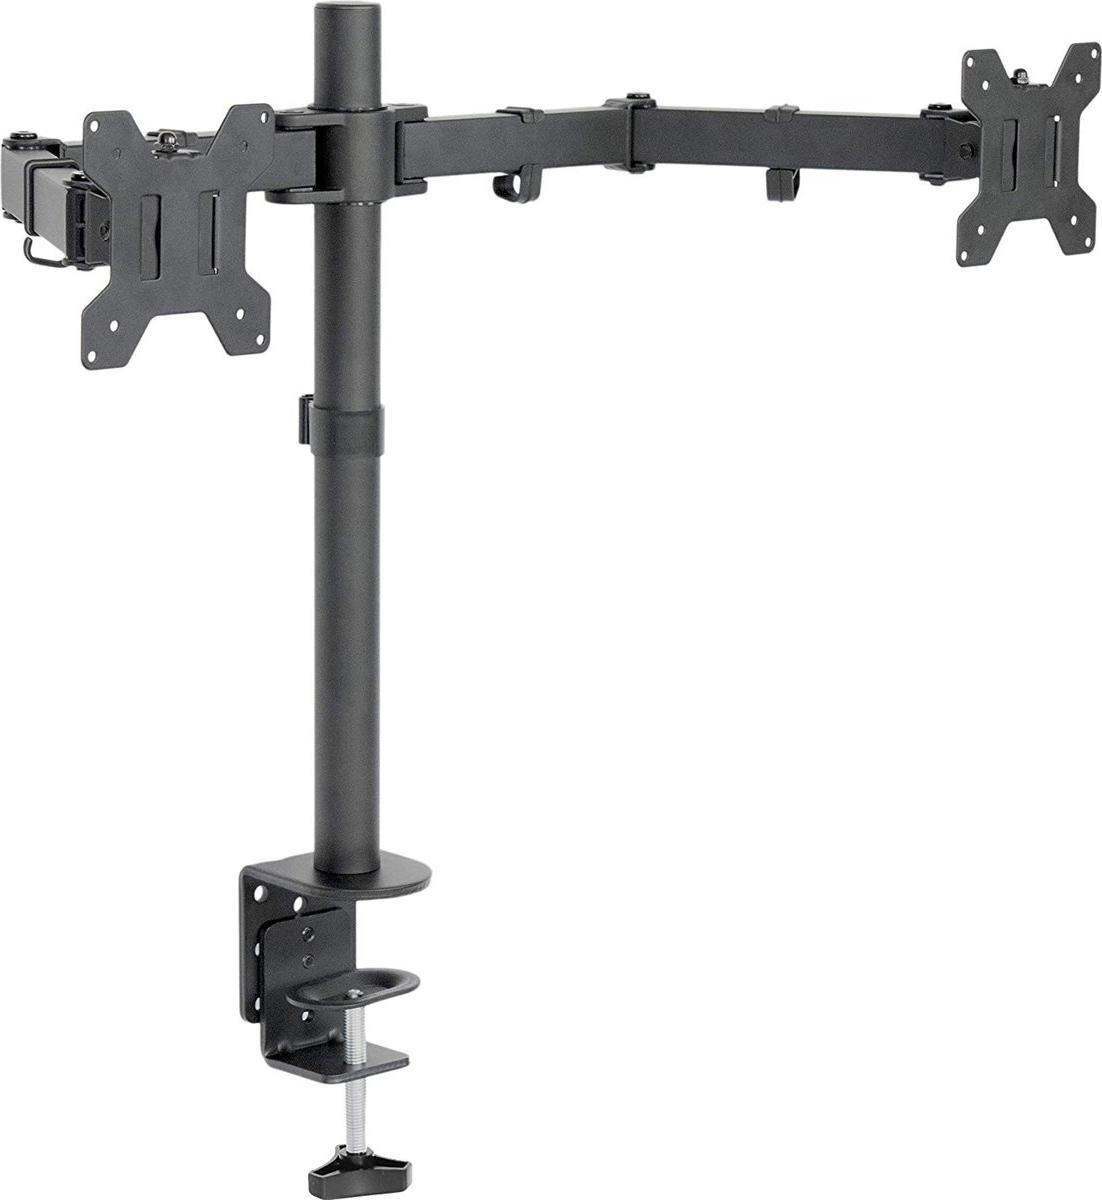 Dubbele Monitor arm - Monitor Beugel voor 13-32 Inch - draaibaar kantelbaar zwenkbaar - zwart kopen